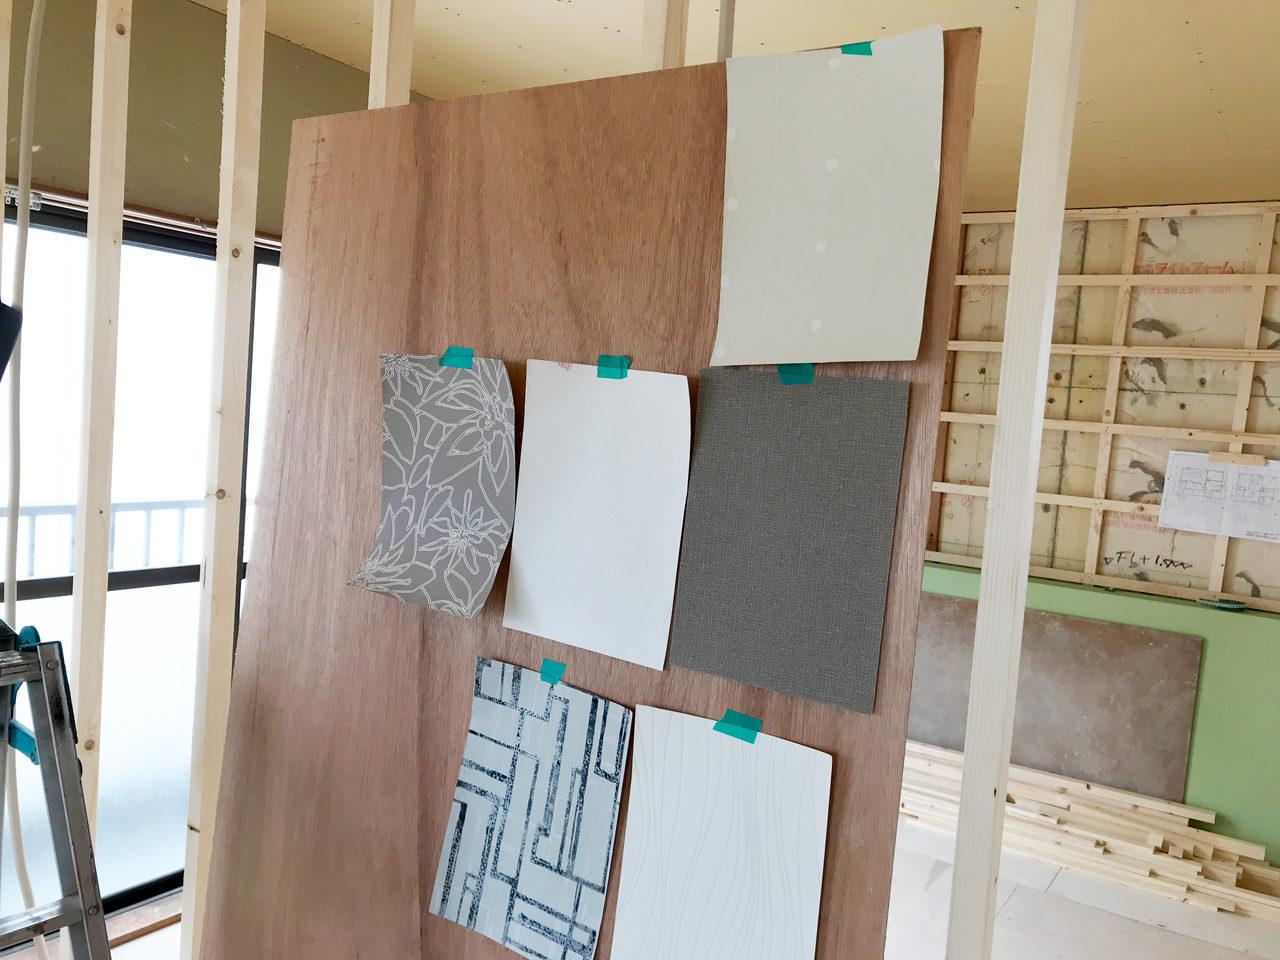 思い出の空き家を賃貸マンションへリノベーション改装設計、デザインの2階壁紙選び